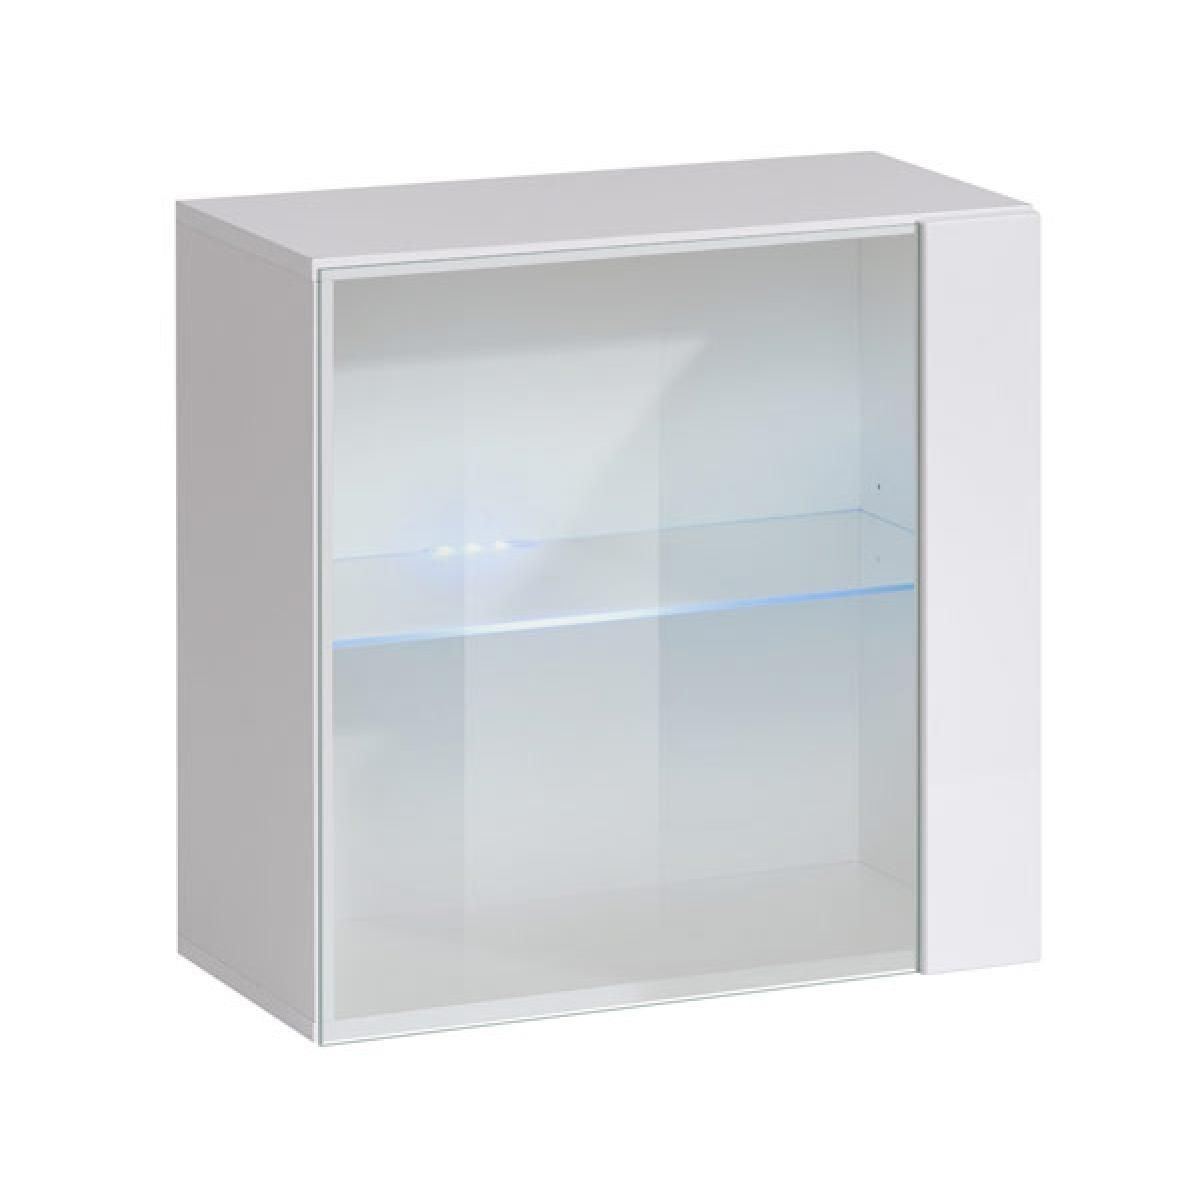 Design Ameublement Armoire murale modèle Berit 60x60 couleur blanc avec LED